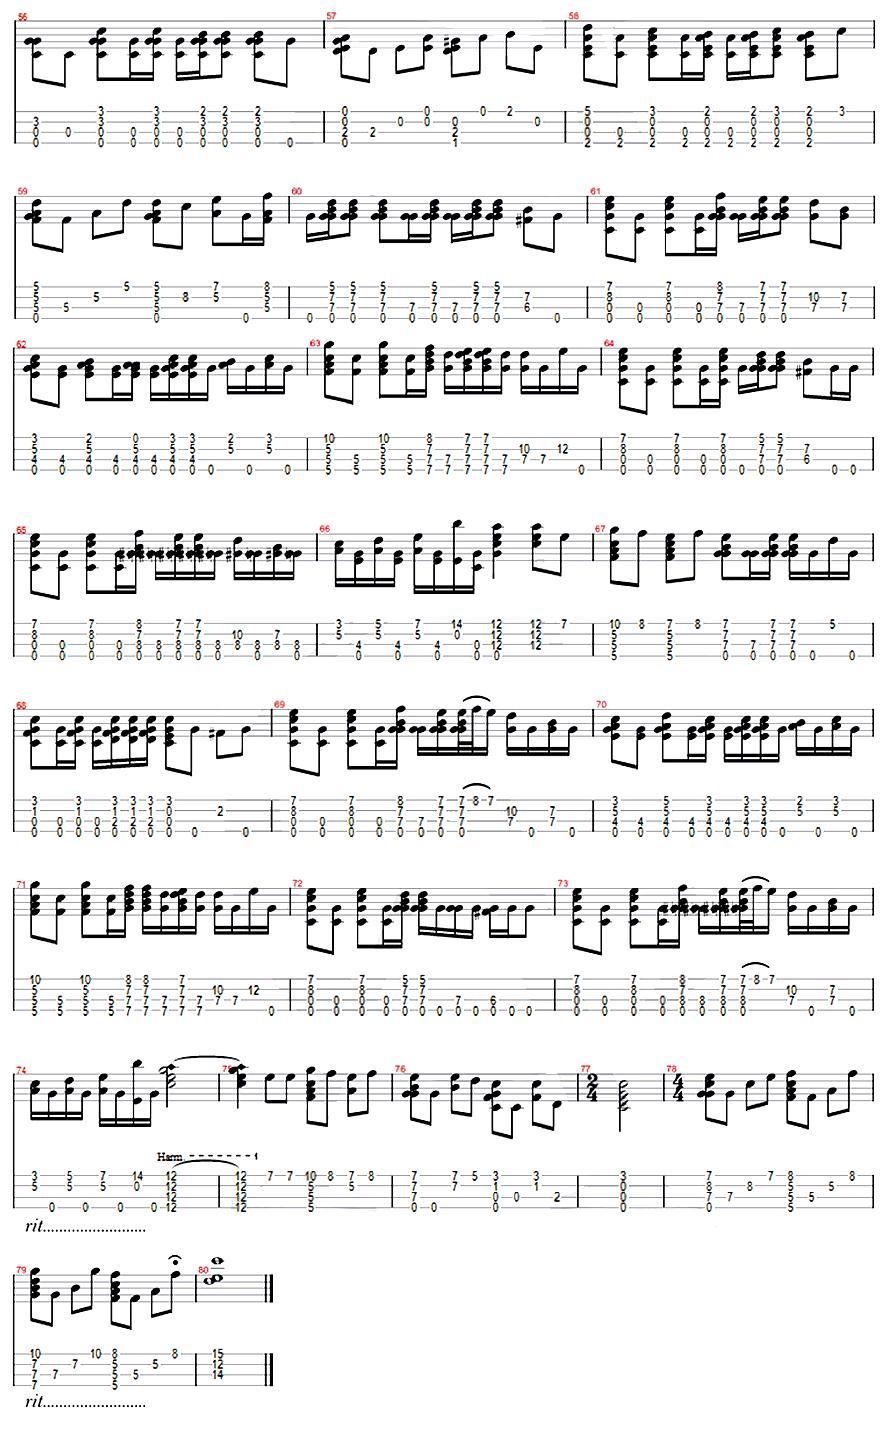 彩虹 ukulele指弹谱